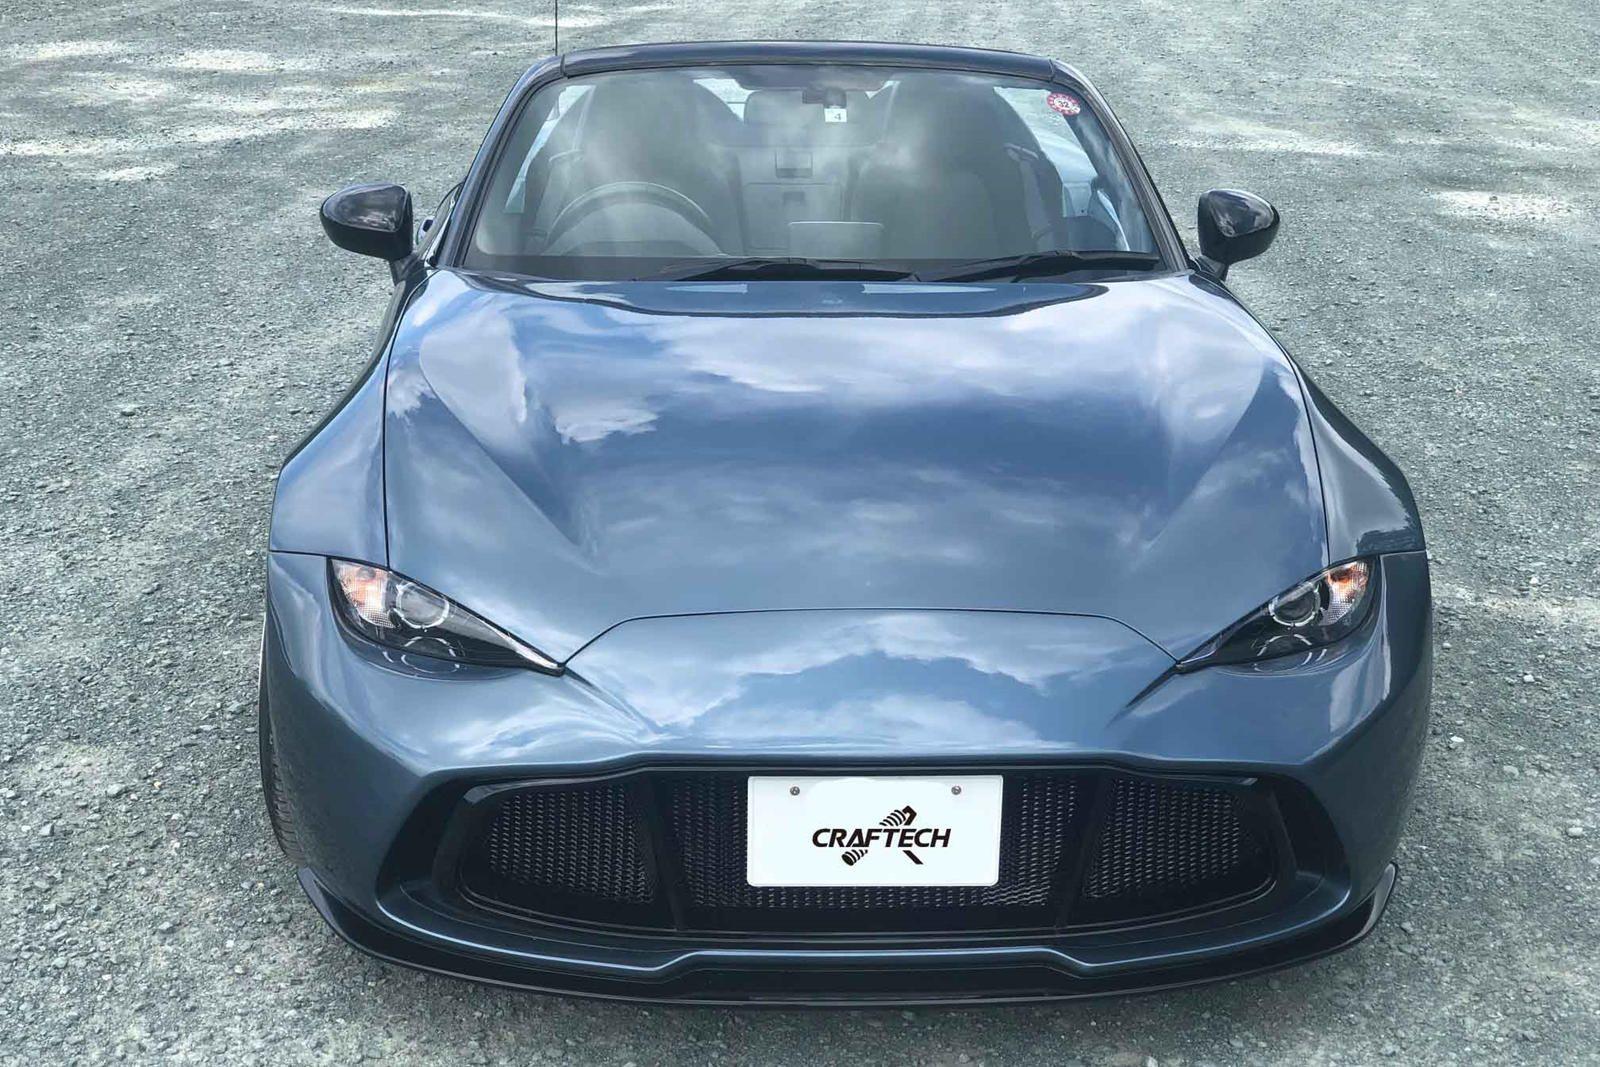 Mazda Mx 5 Gets Aston Martin Makeover With Simple Body Kit Only In Japan In 2021 Mazda Mazda Mx5 Aston Martin